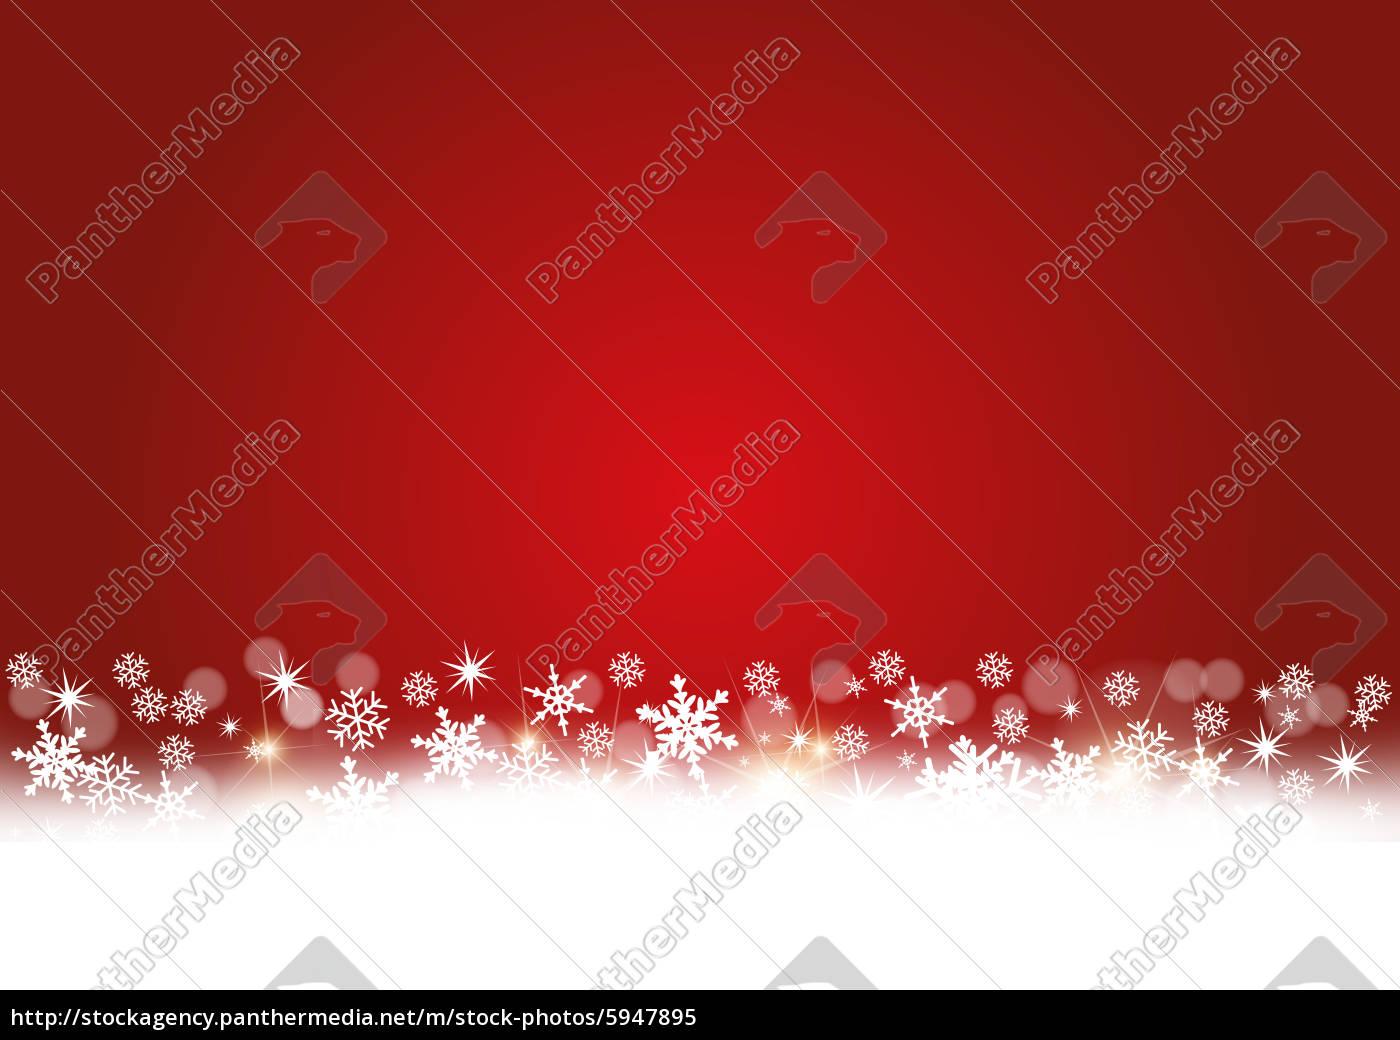 Weihnachtlicher hintergrund lizenzfreies bild 5947895 for Weihnachtlicher hintergrund